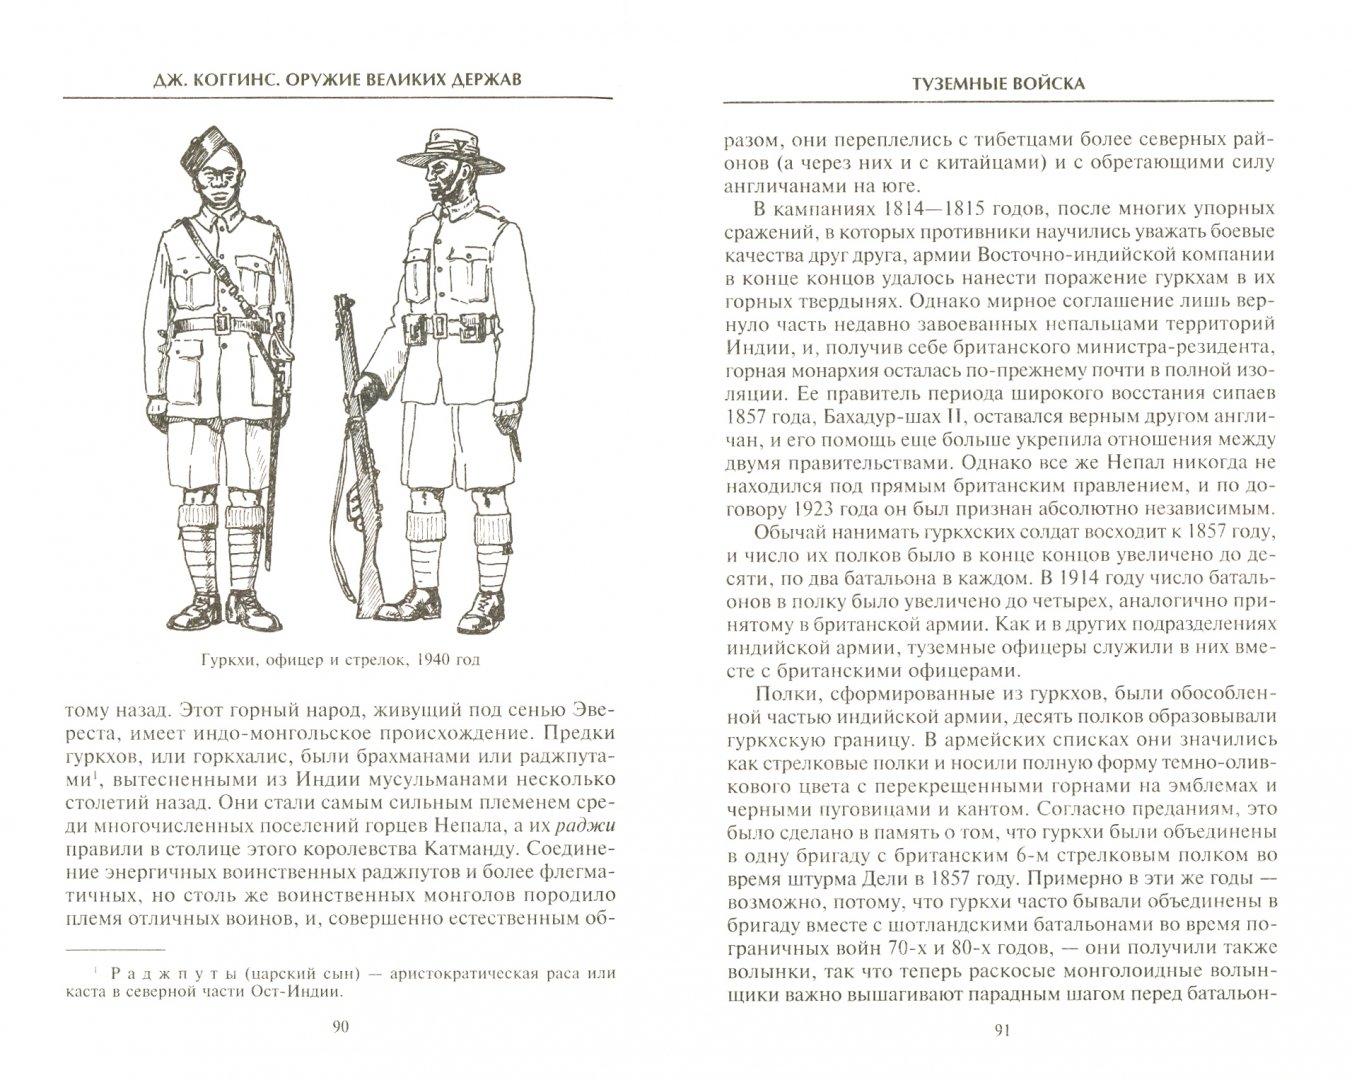 Иллюстрация 1 из 28 для Оружие великих держав. От копья до атомной бомбы - Джек Коггинс | Лабиринт - книги. Источник: Лабиринт